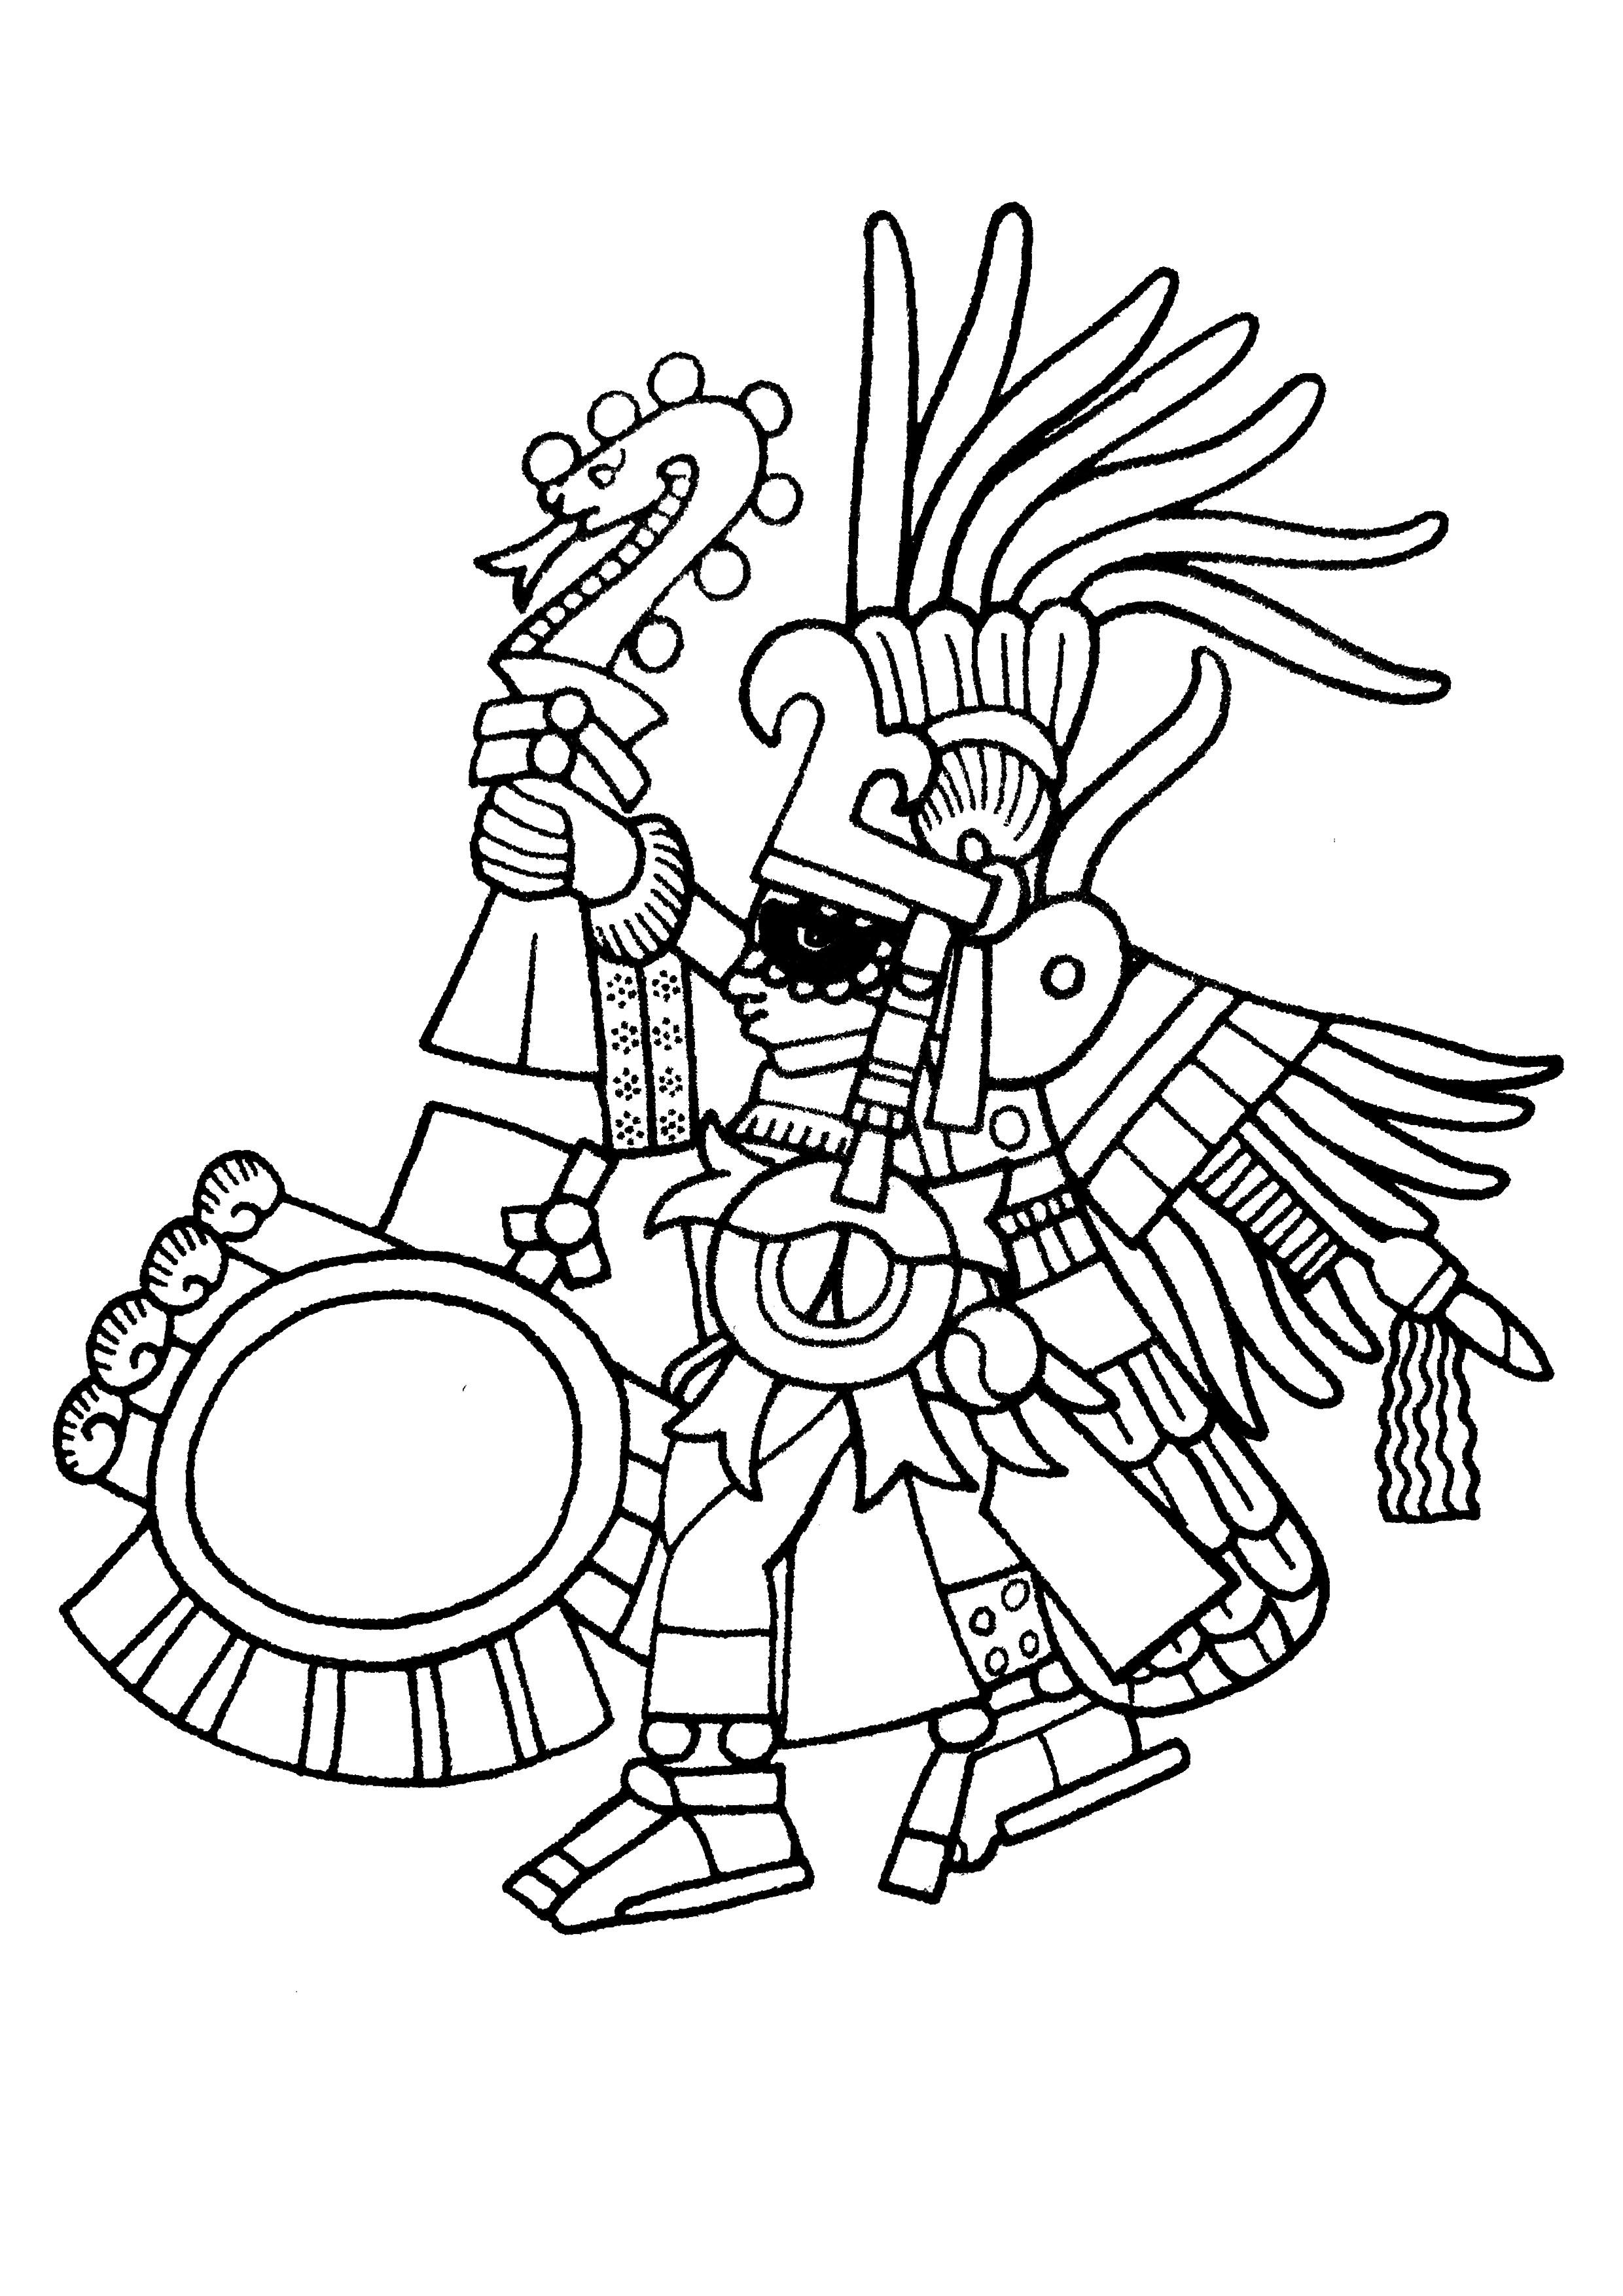 Disegni da colorare per adulti : Maya, Aztechi e Incas - 22